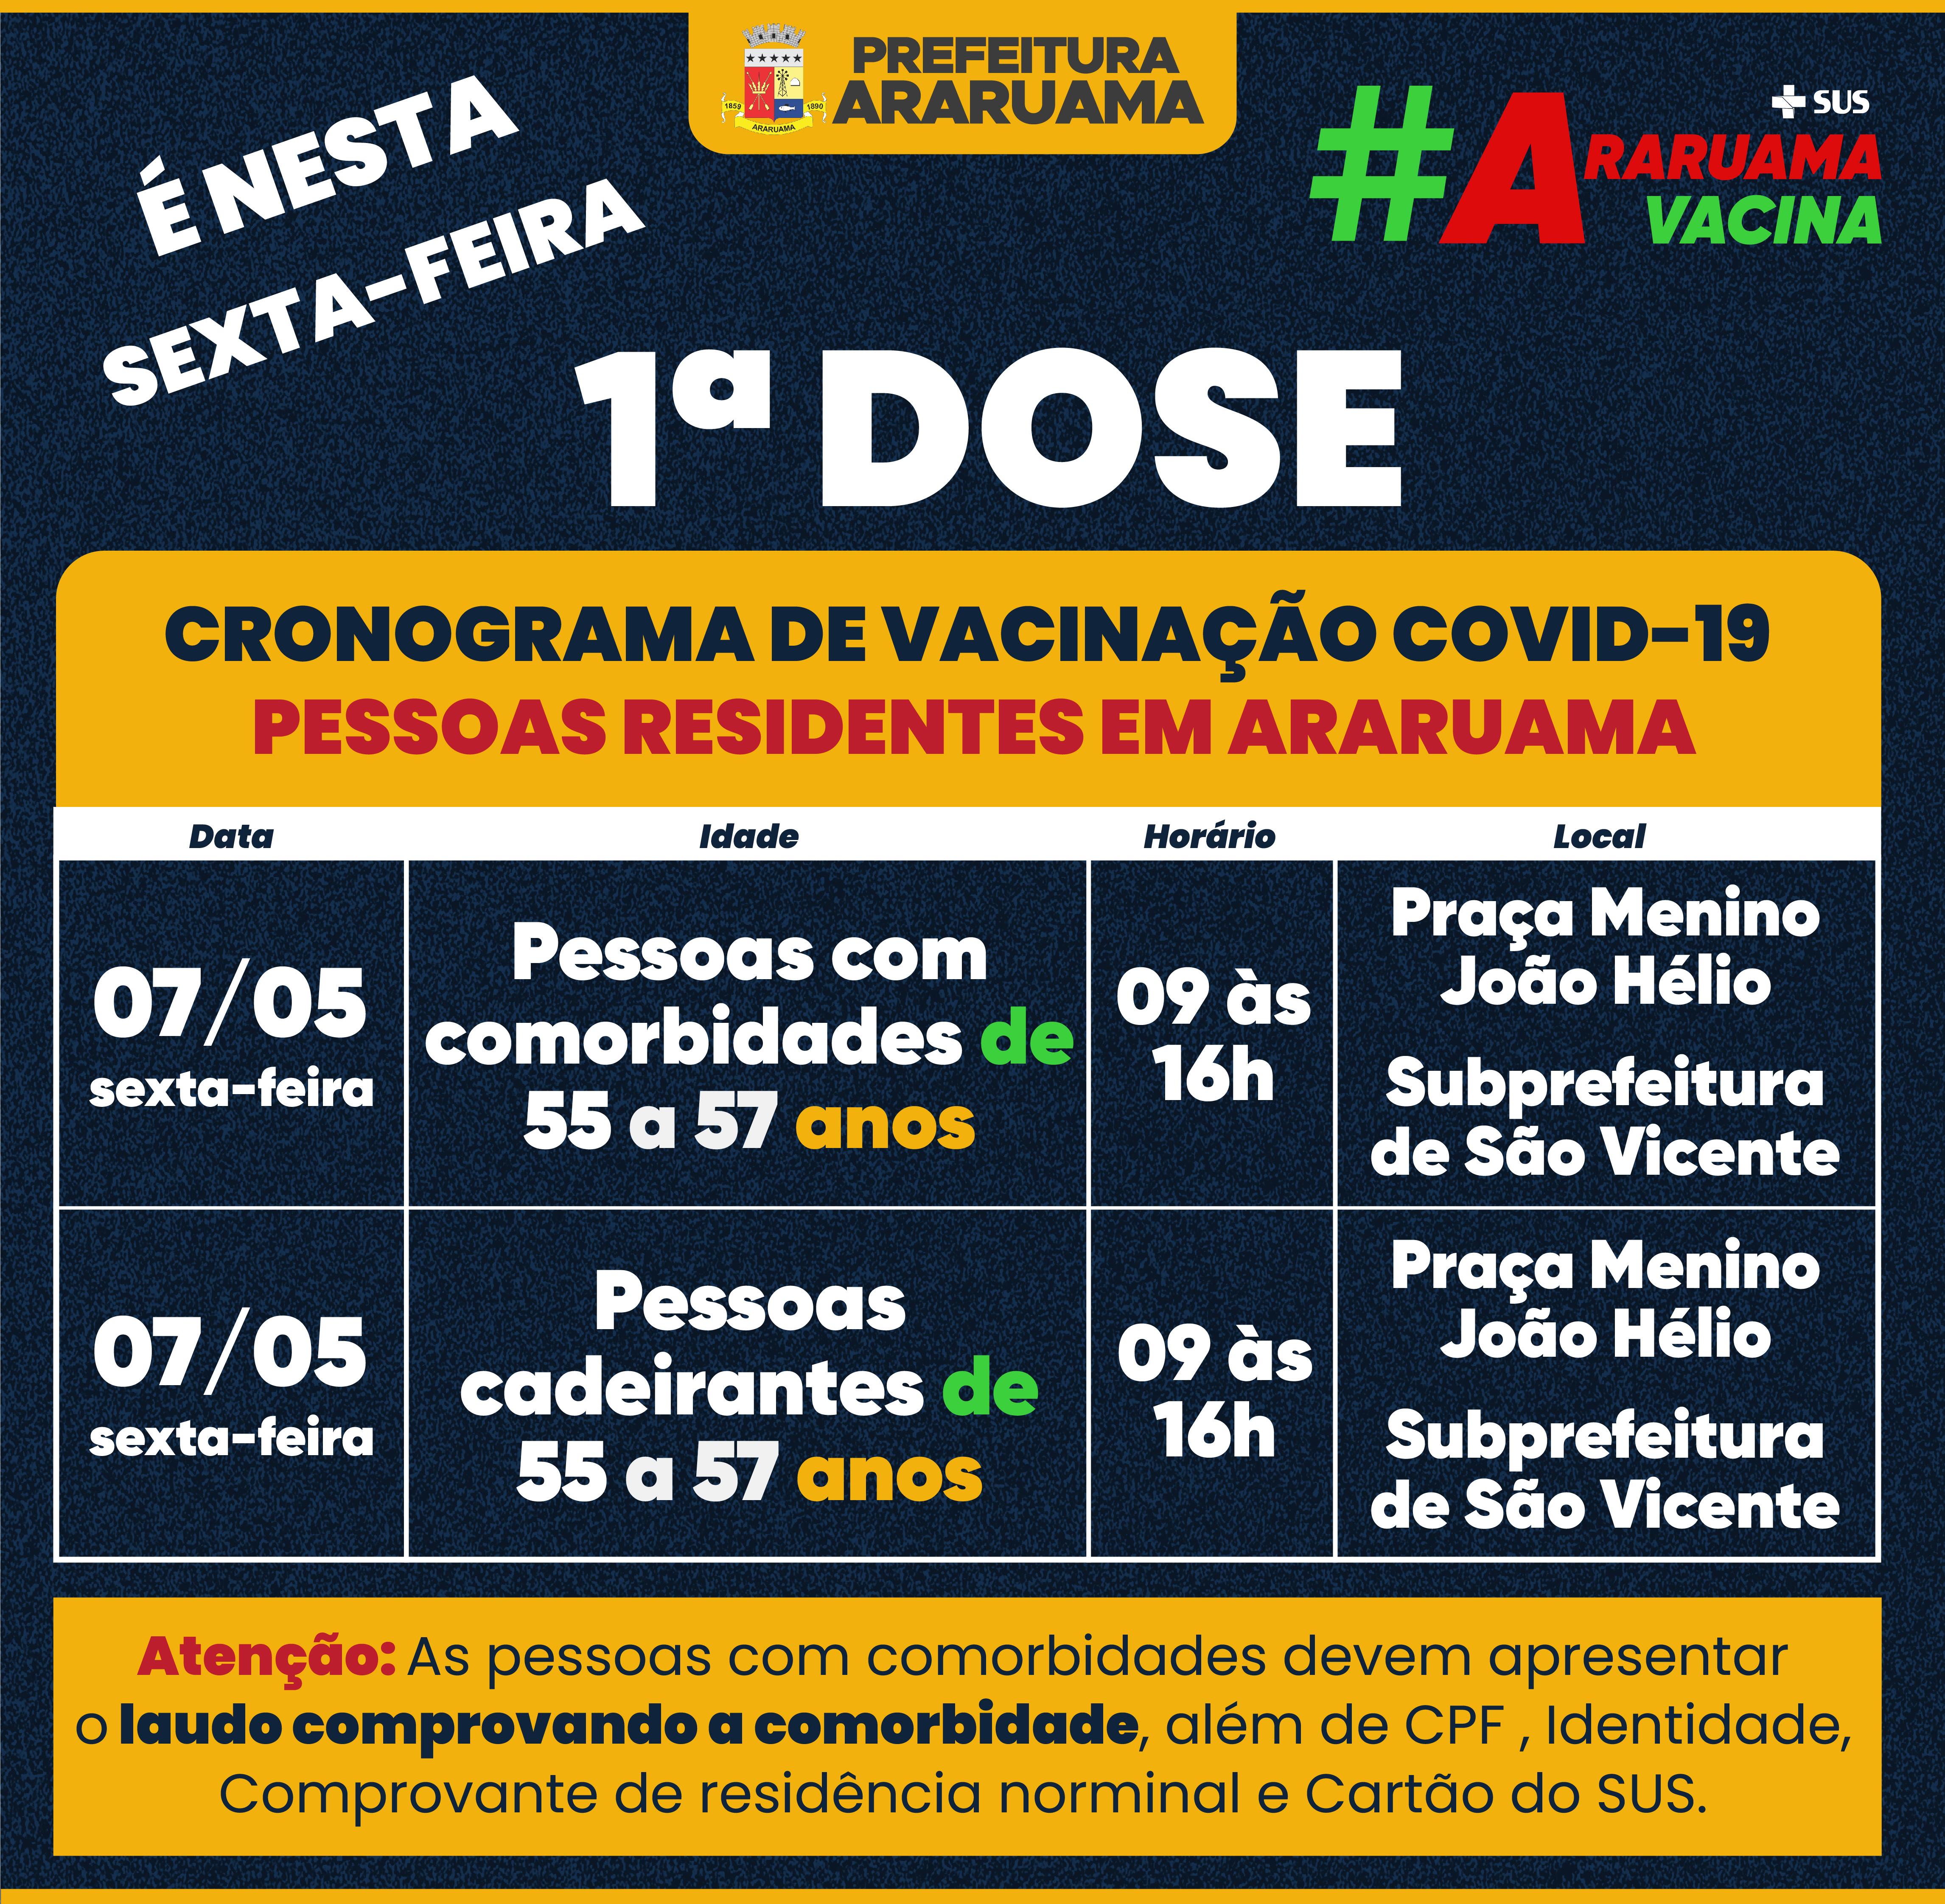 Calendário de vacinação da primeira dose para sexta-feira, 07